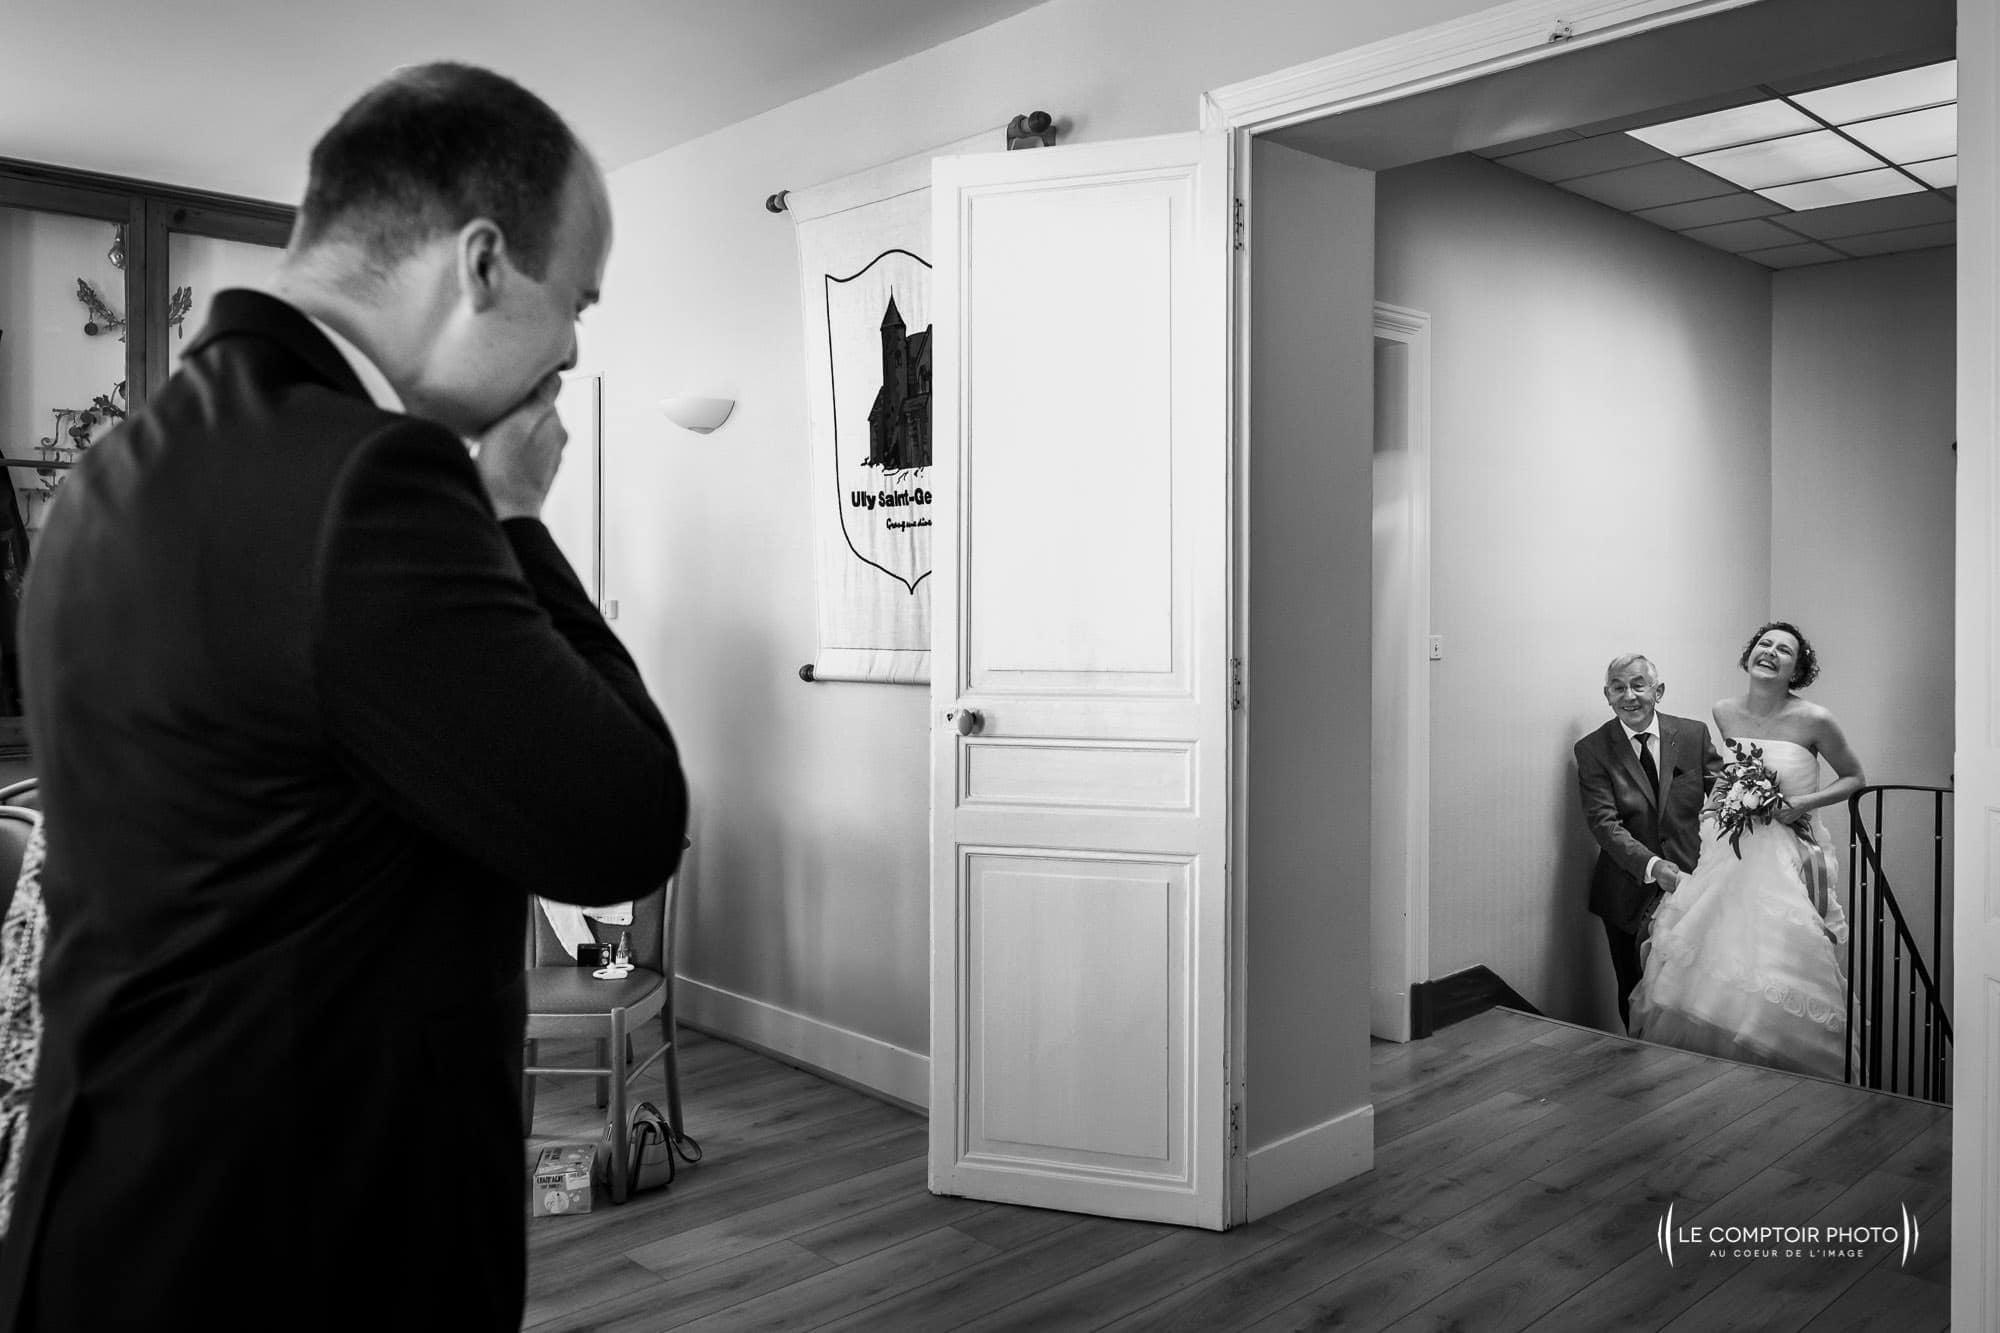 Photographe de mariage en Bretagne - Morbihan - Finistère - Côtes-d'Armor - Saint-Brieuc - Brest - Quimper - Vannes - Rennes